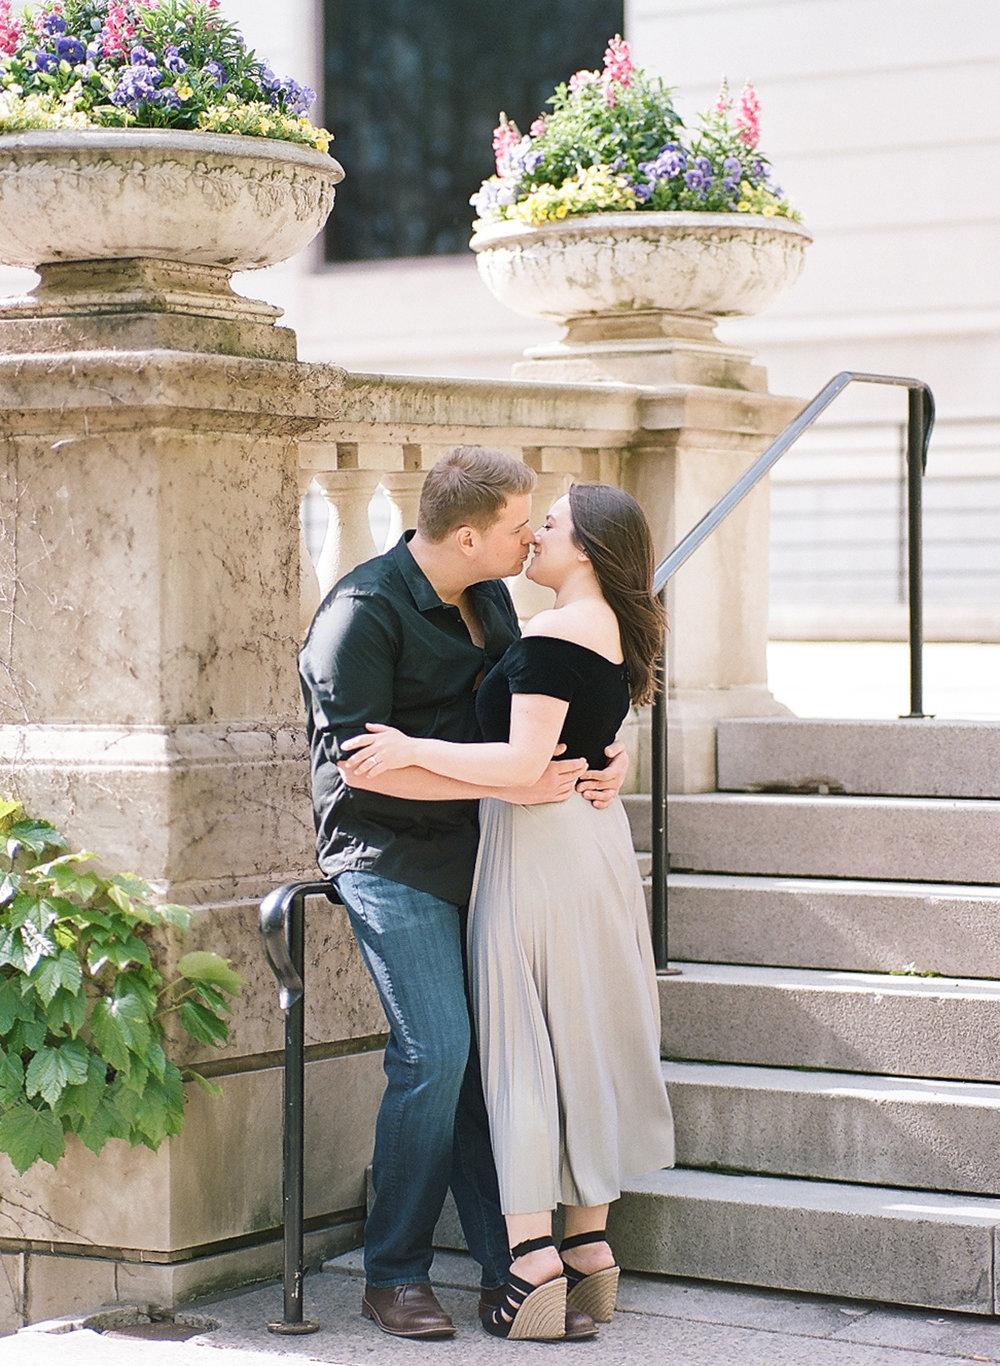 Bonphotage Chicago Fine Art Wedding Photography - Chicago Art Institute